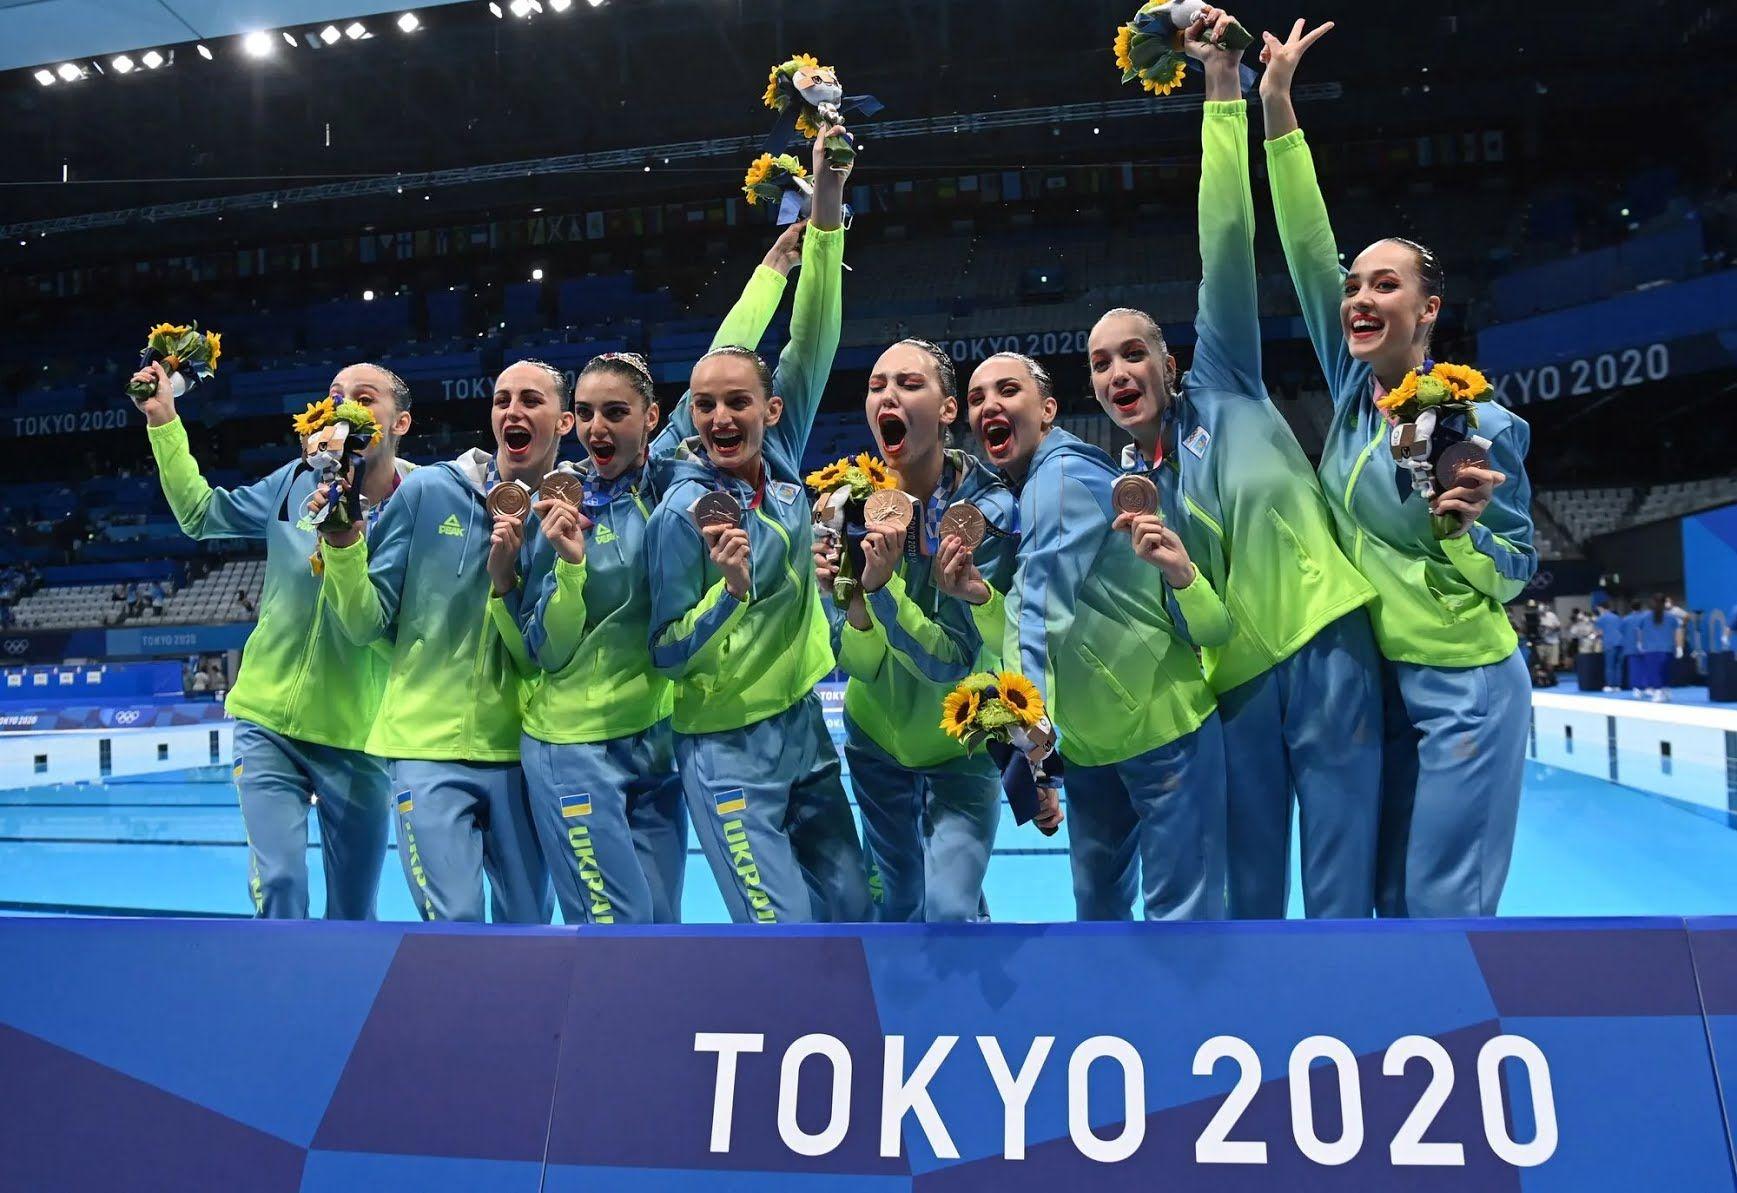 Збірна України по артистичному плавання на Олімпіади-2020